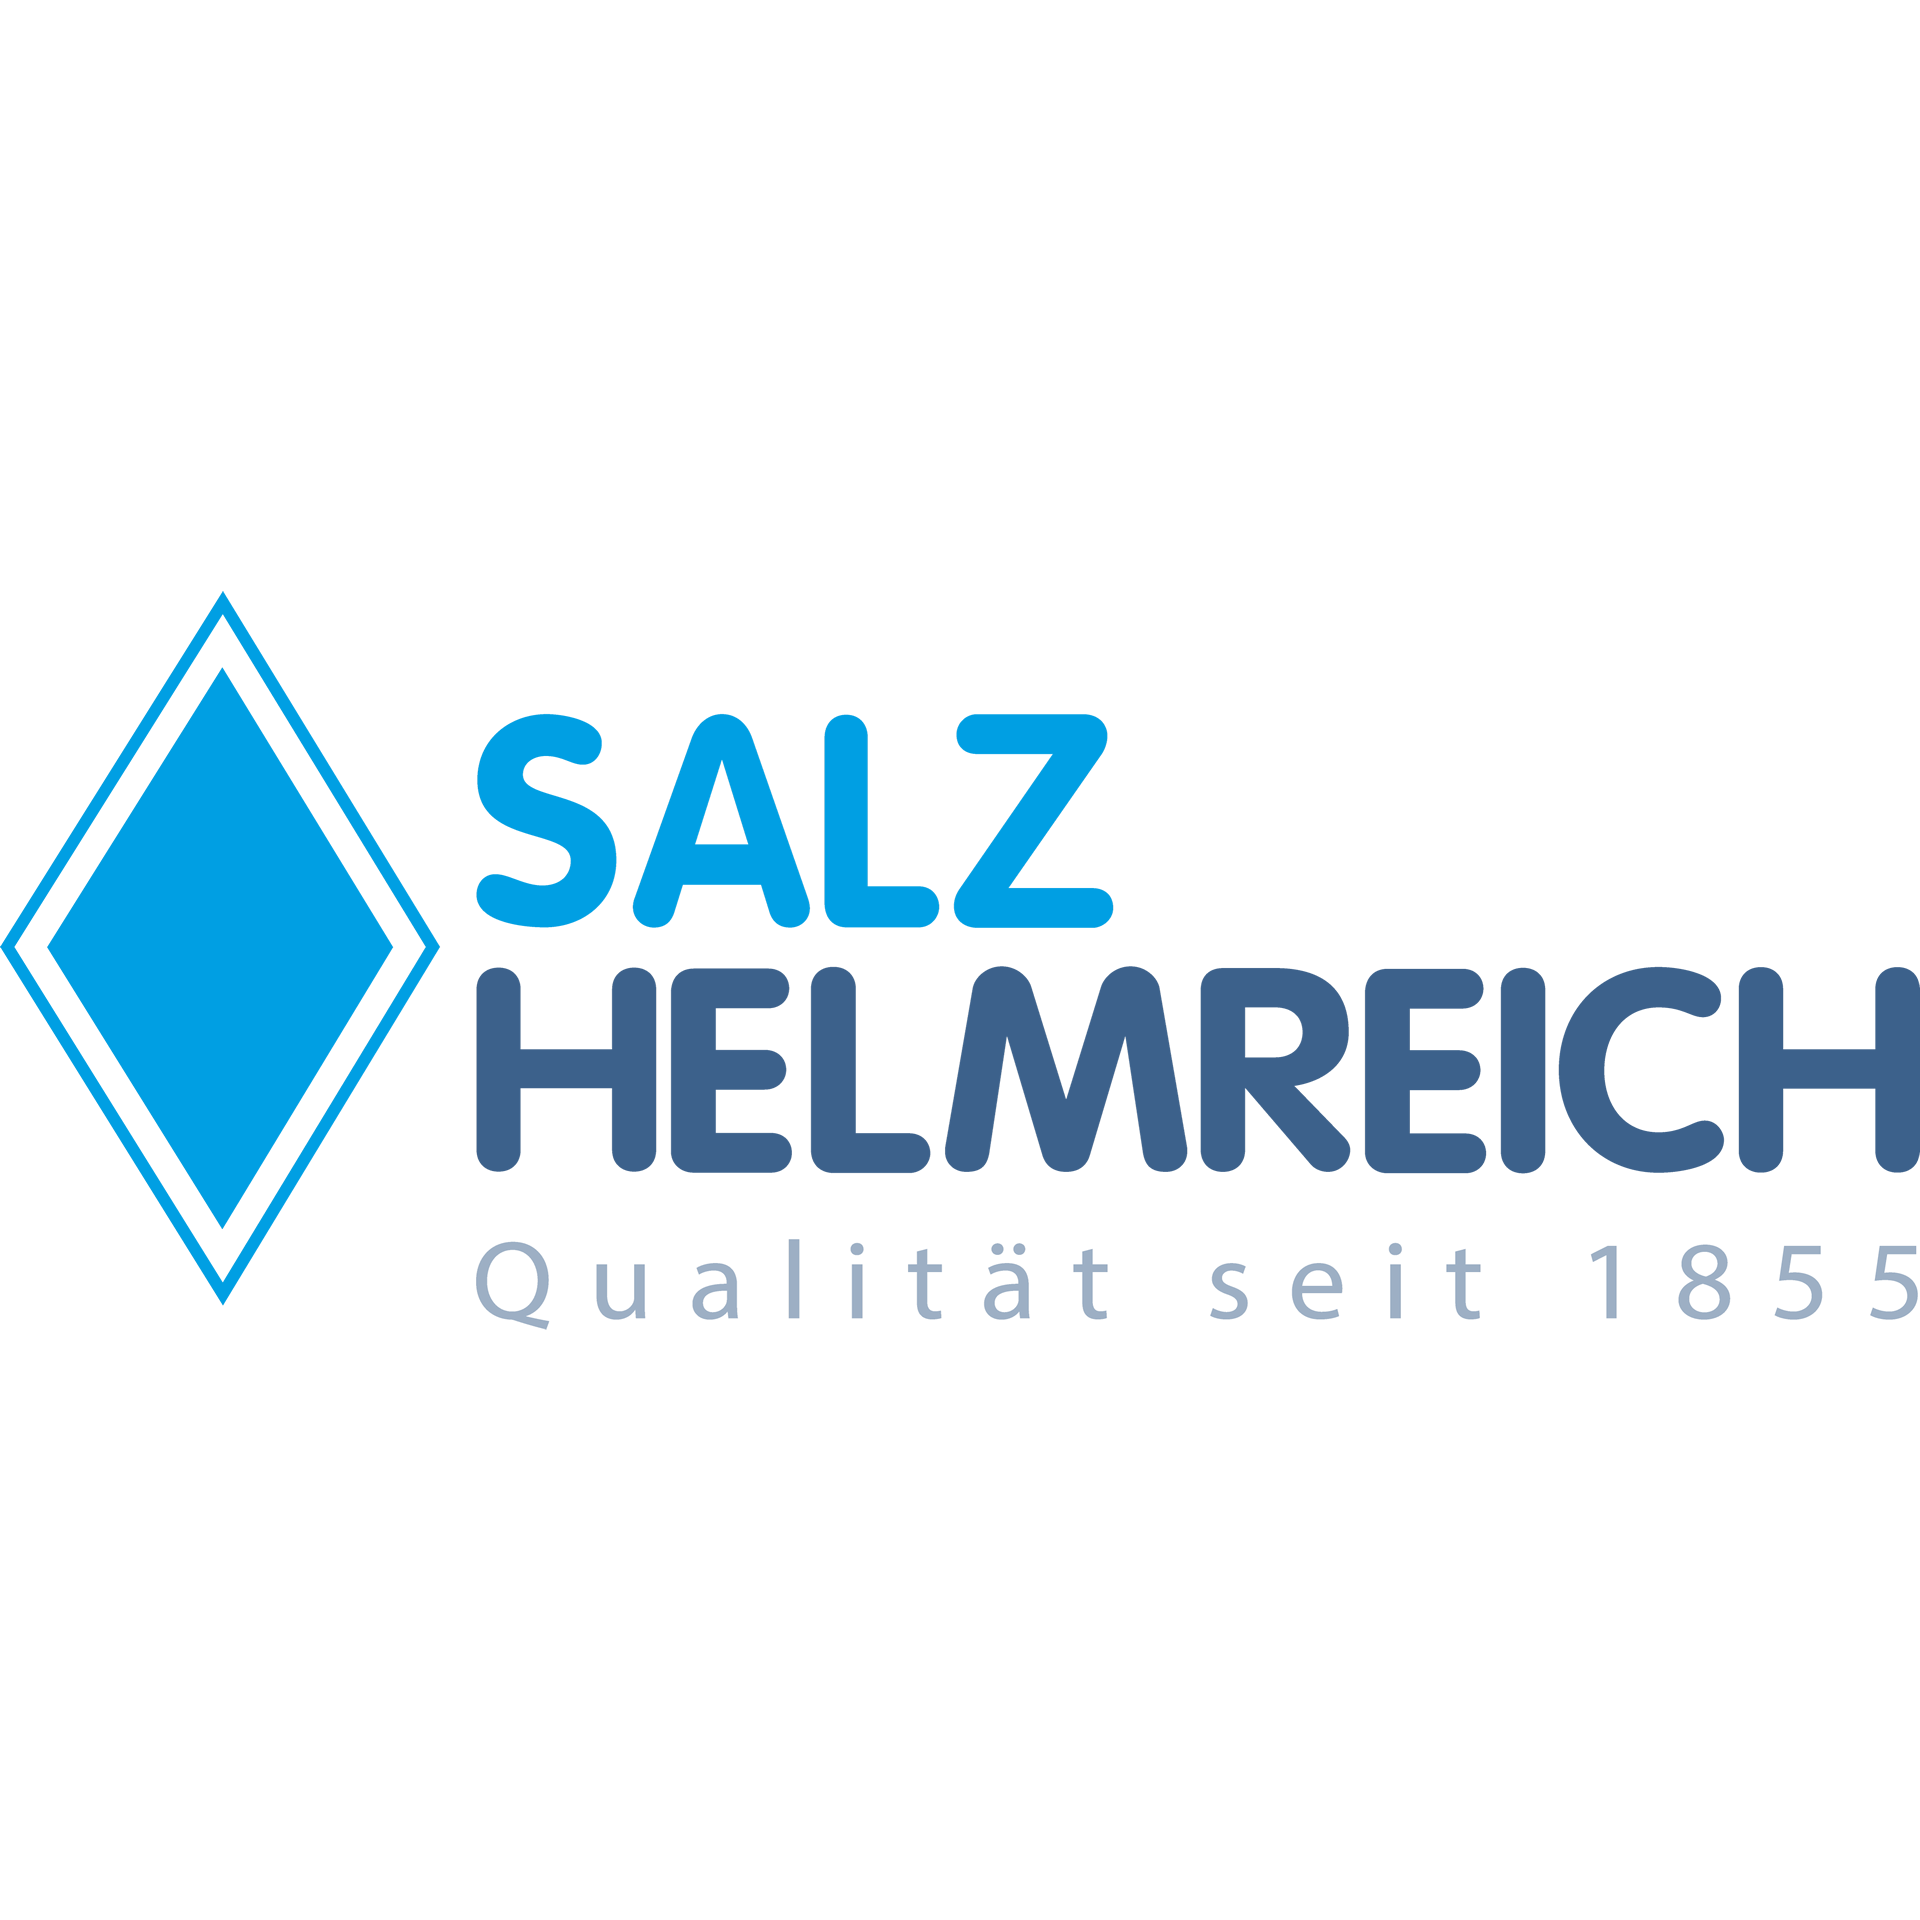 Salta - Siede Speisesalz fein  0 - 1mm im 25kg Sack